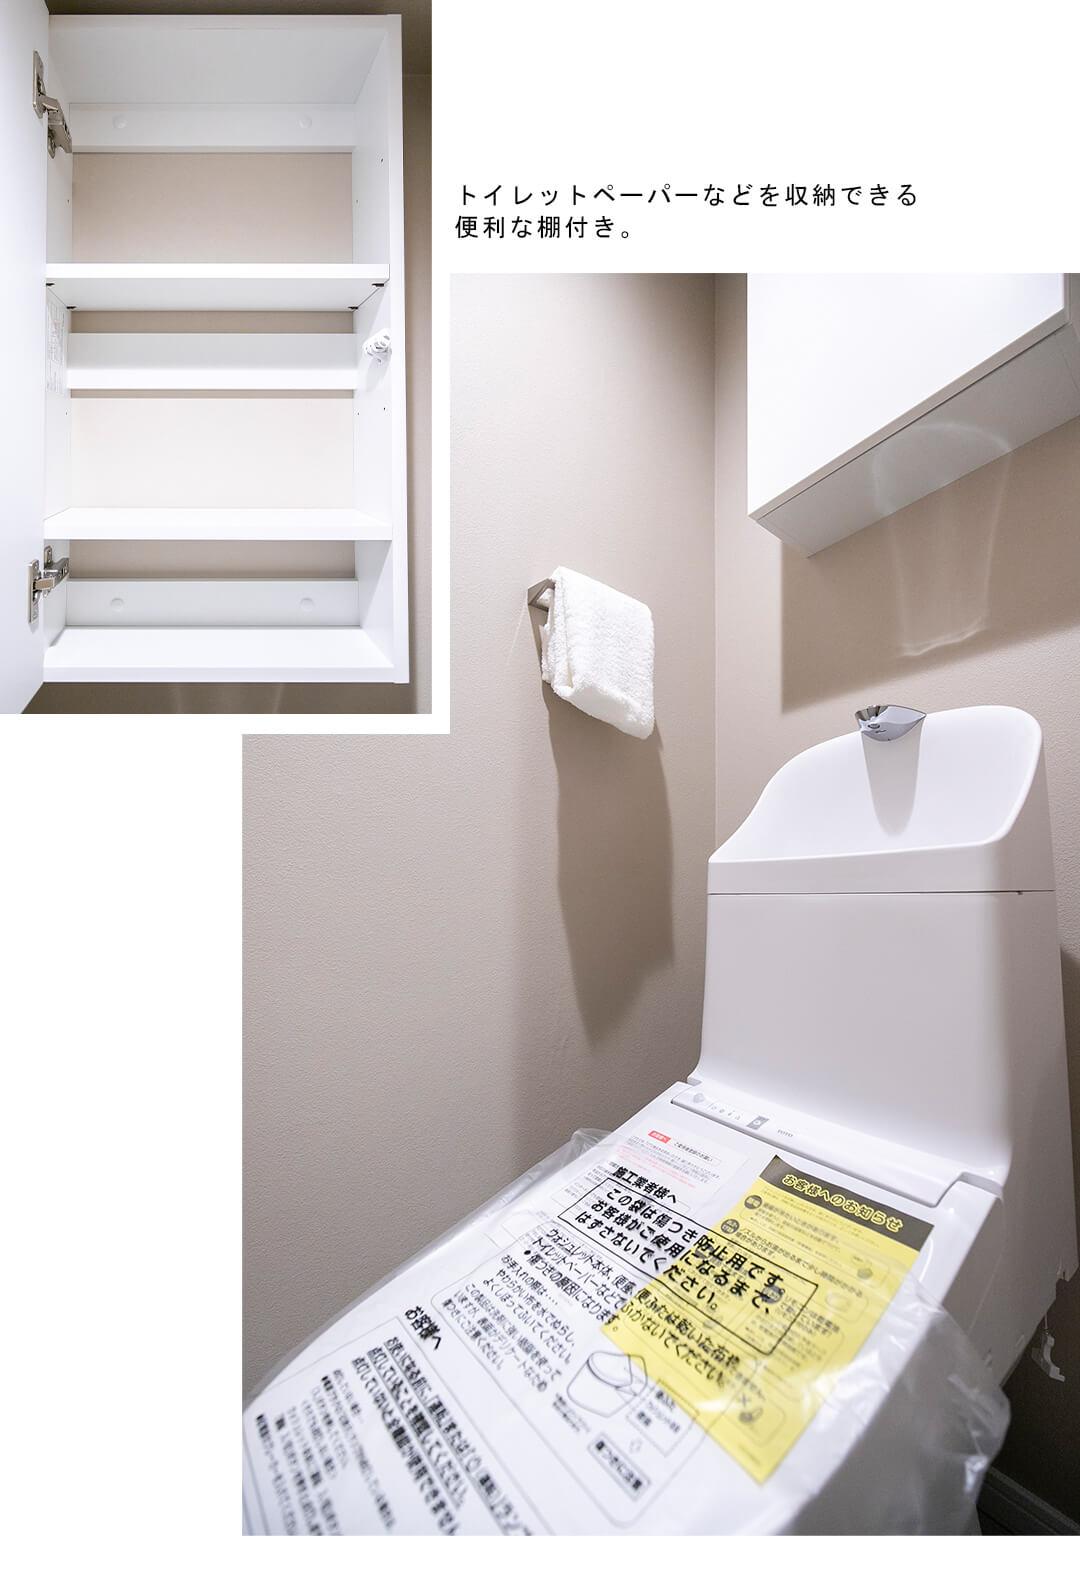 上用賀第二パーク・ホームズのトイレ